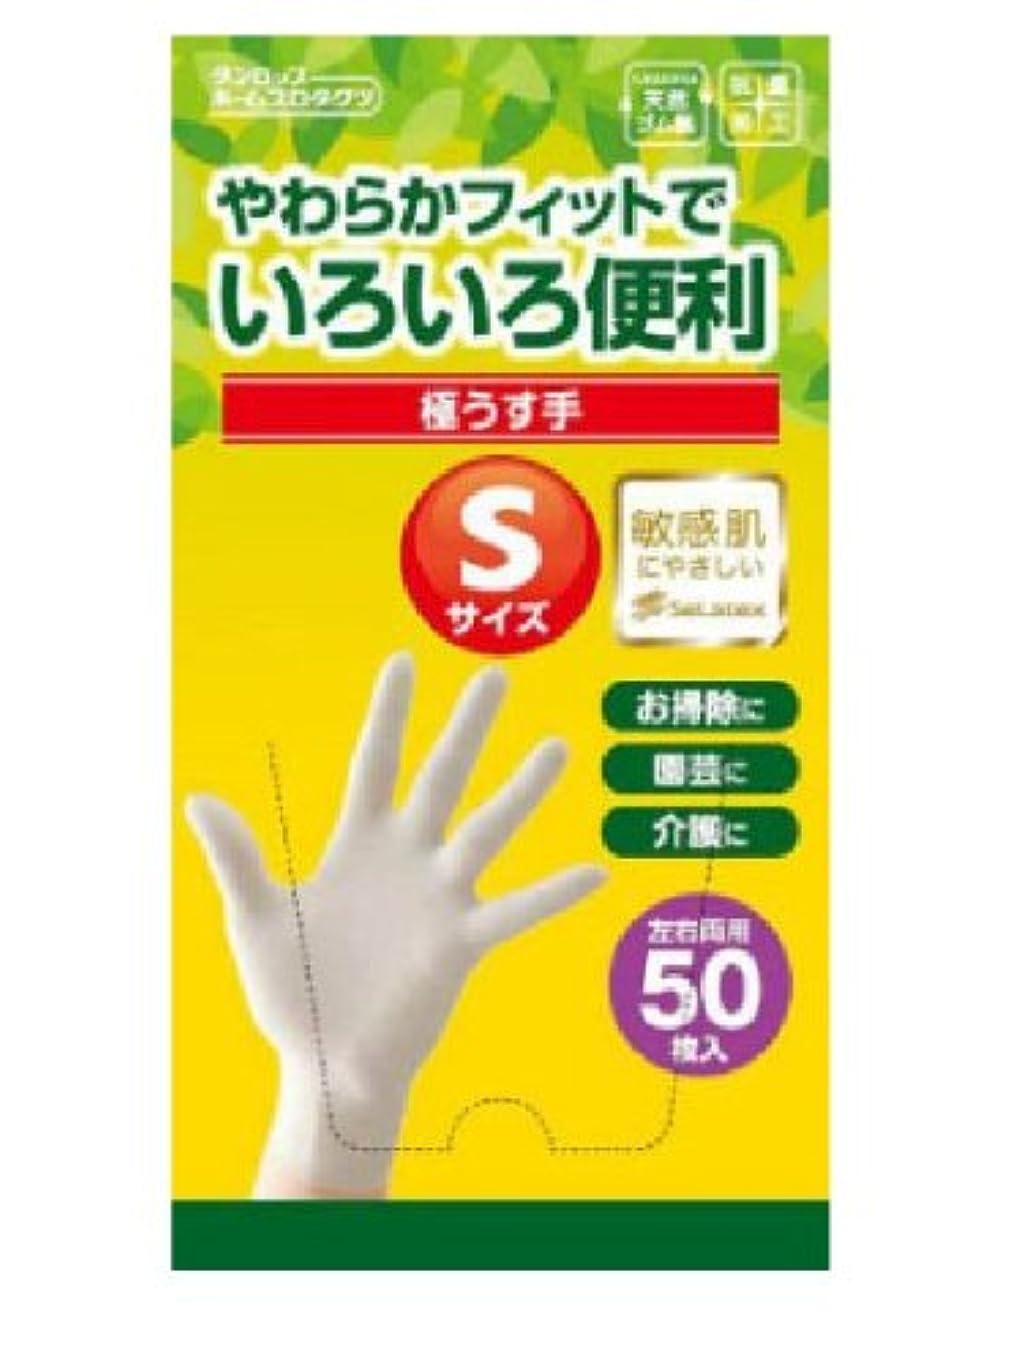 狂人晩餐求めるダンロップ 脱タンパク天然極うす手袋 Sサイズ 50枚入り